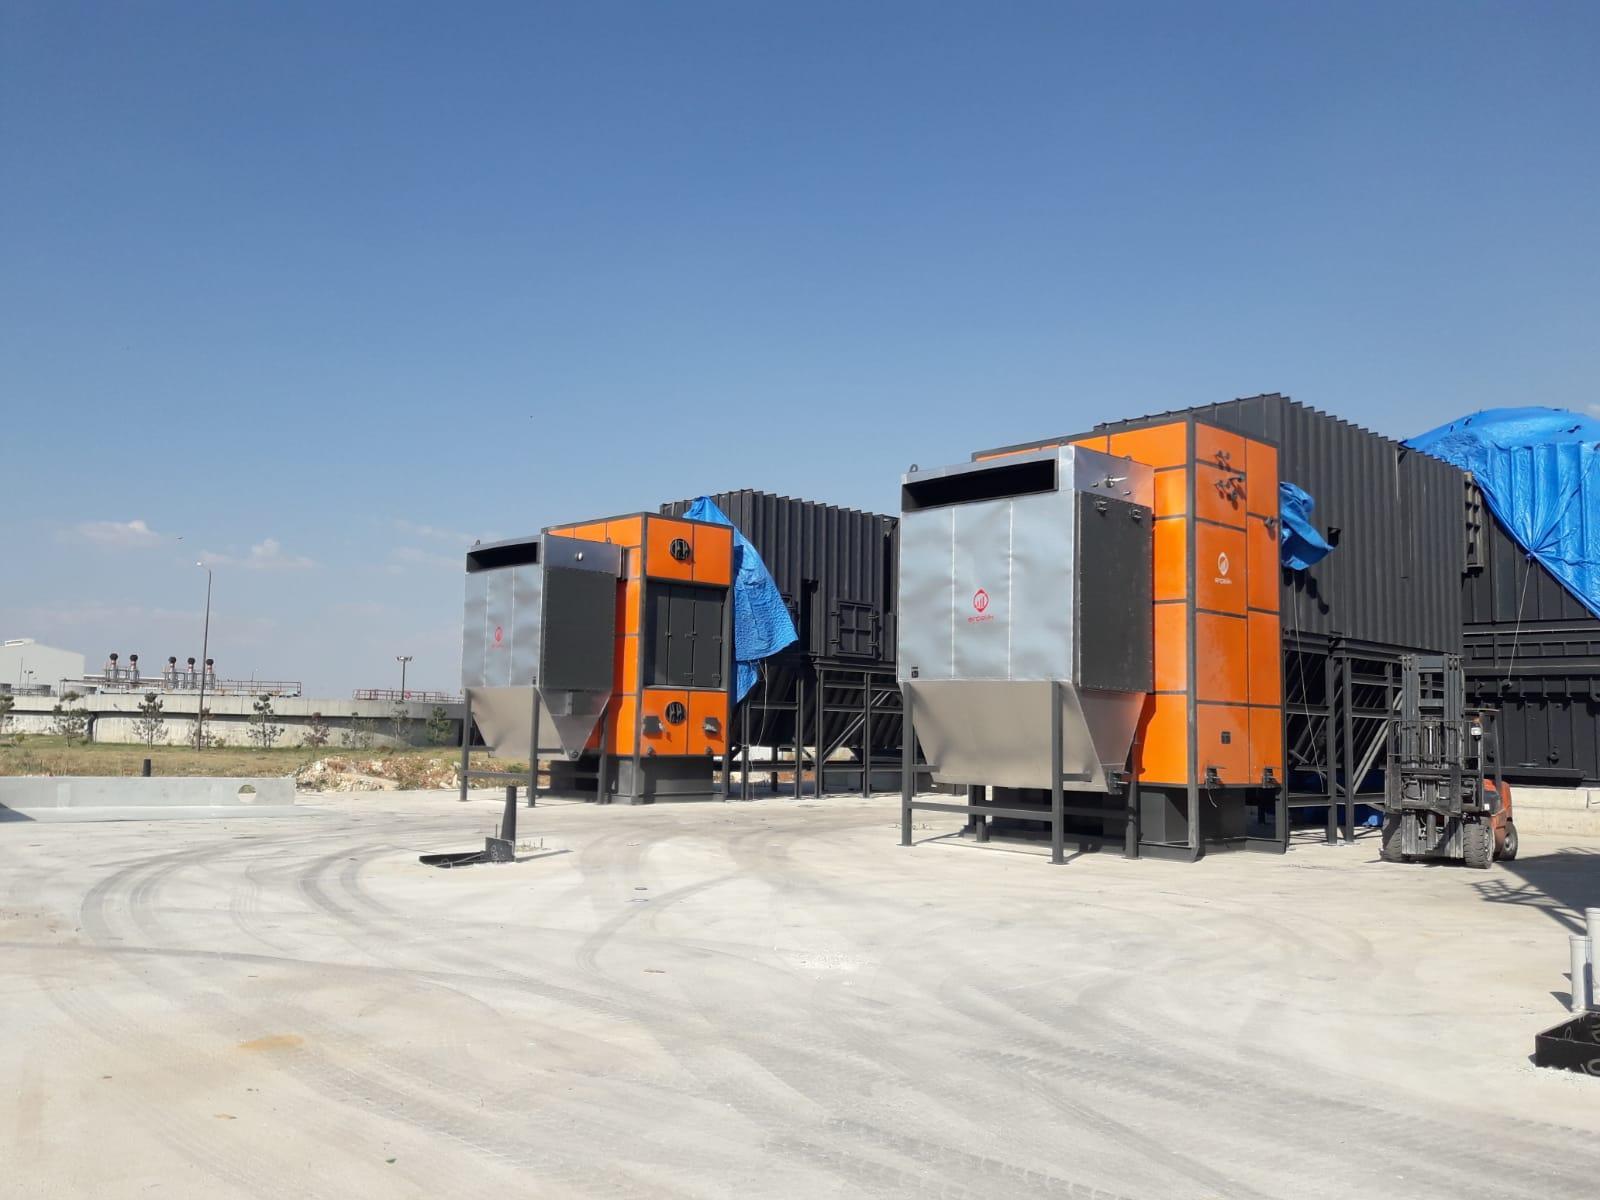 Yerel ve Alternatif Enerji Üretimi: Gaziantep Organize Sanayi Bölgesi Akışkan Yataklı Çamur Yakma ve Enerji Elde Etme Tesisi